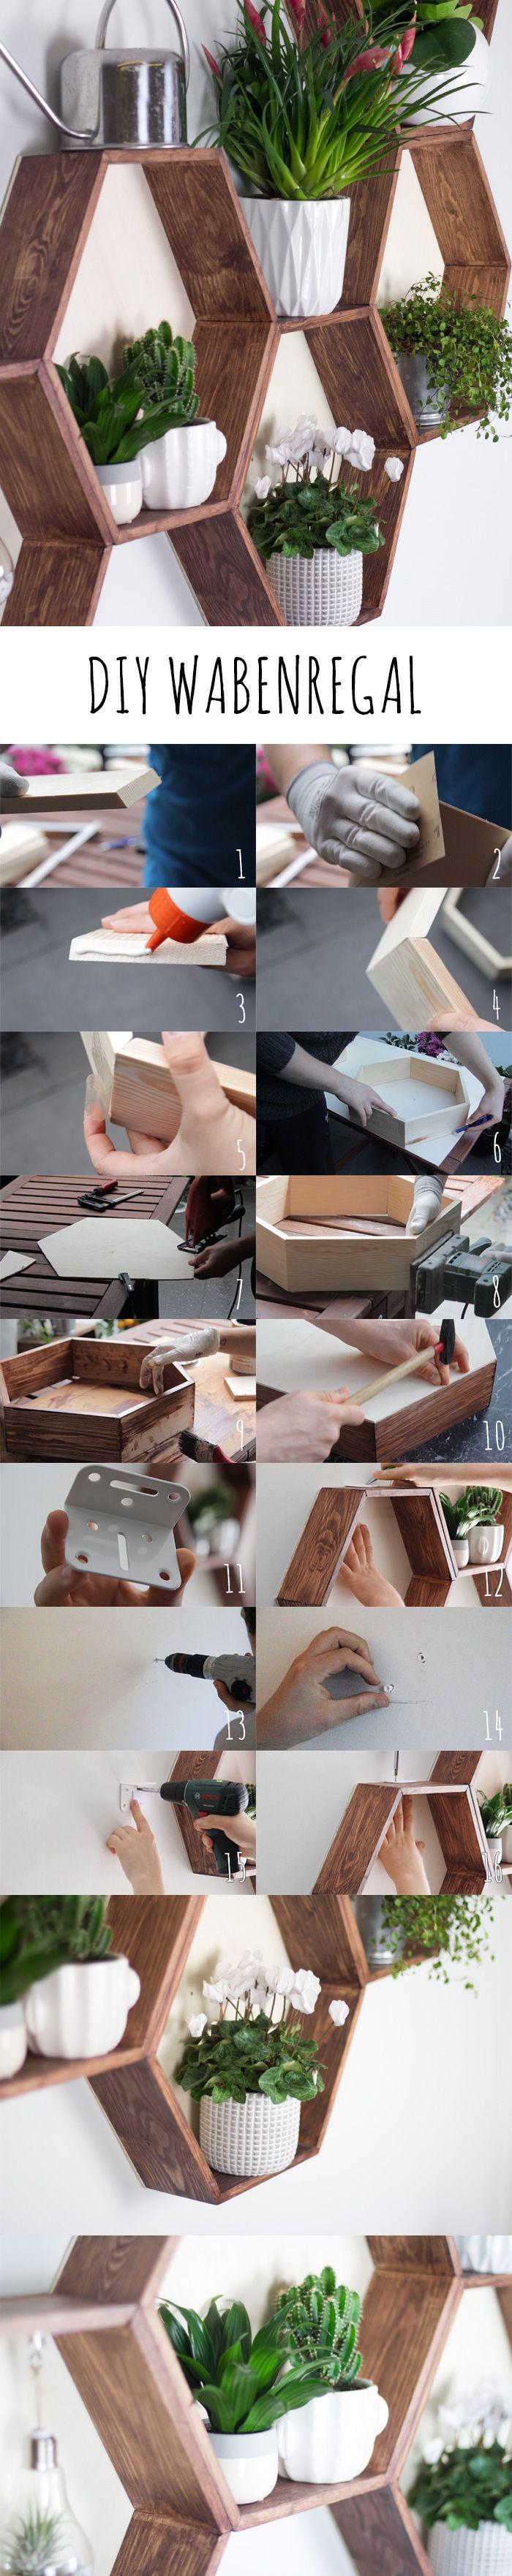 DIY Wabenregal. Möbel ganz leicht selbermachen mi…